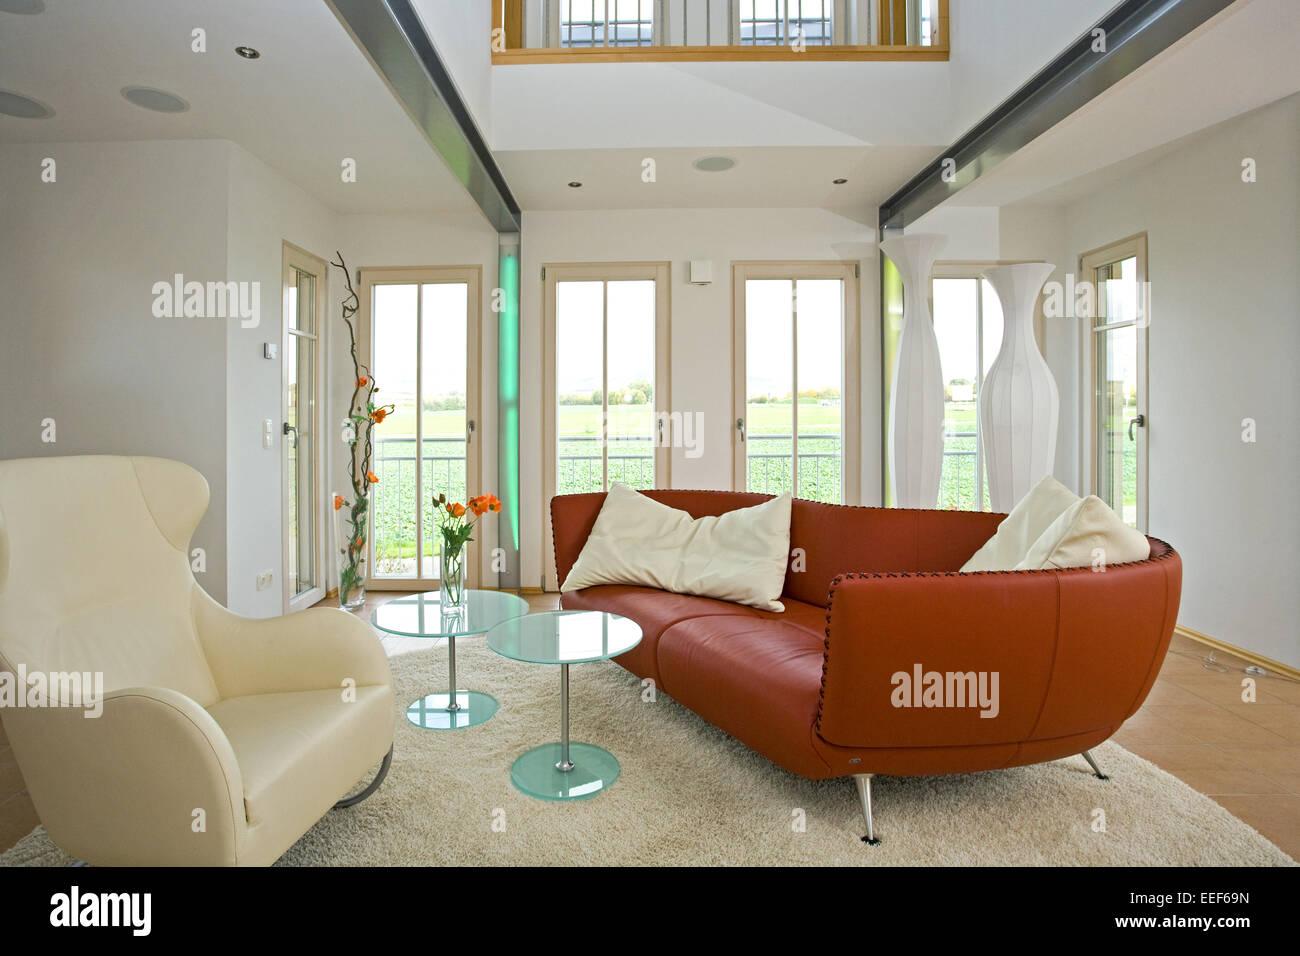 Architektur, Baustil, Leder, Couch, Sofa, Couchtisch, Dekoration, Einrichtungsgegenstaende, Innenarchitektur, Inneneinrichtung, Stock Photo